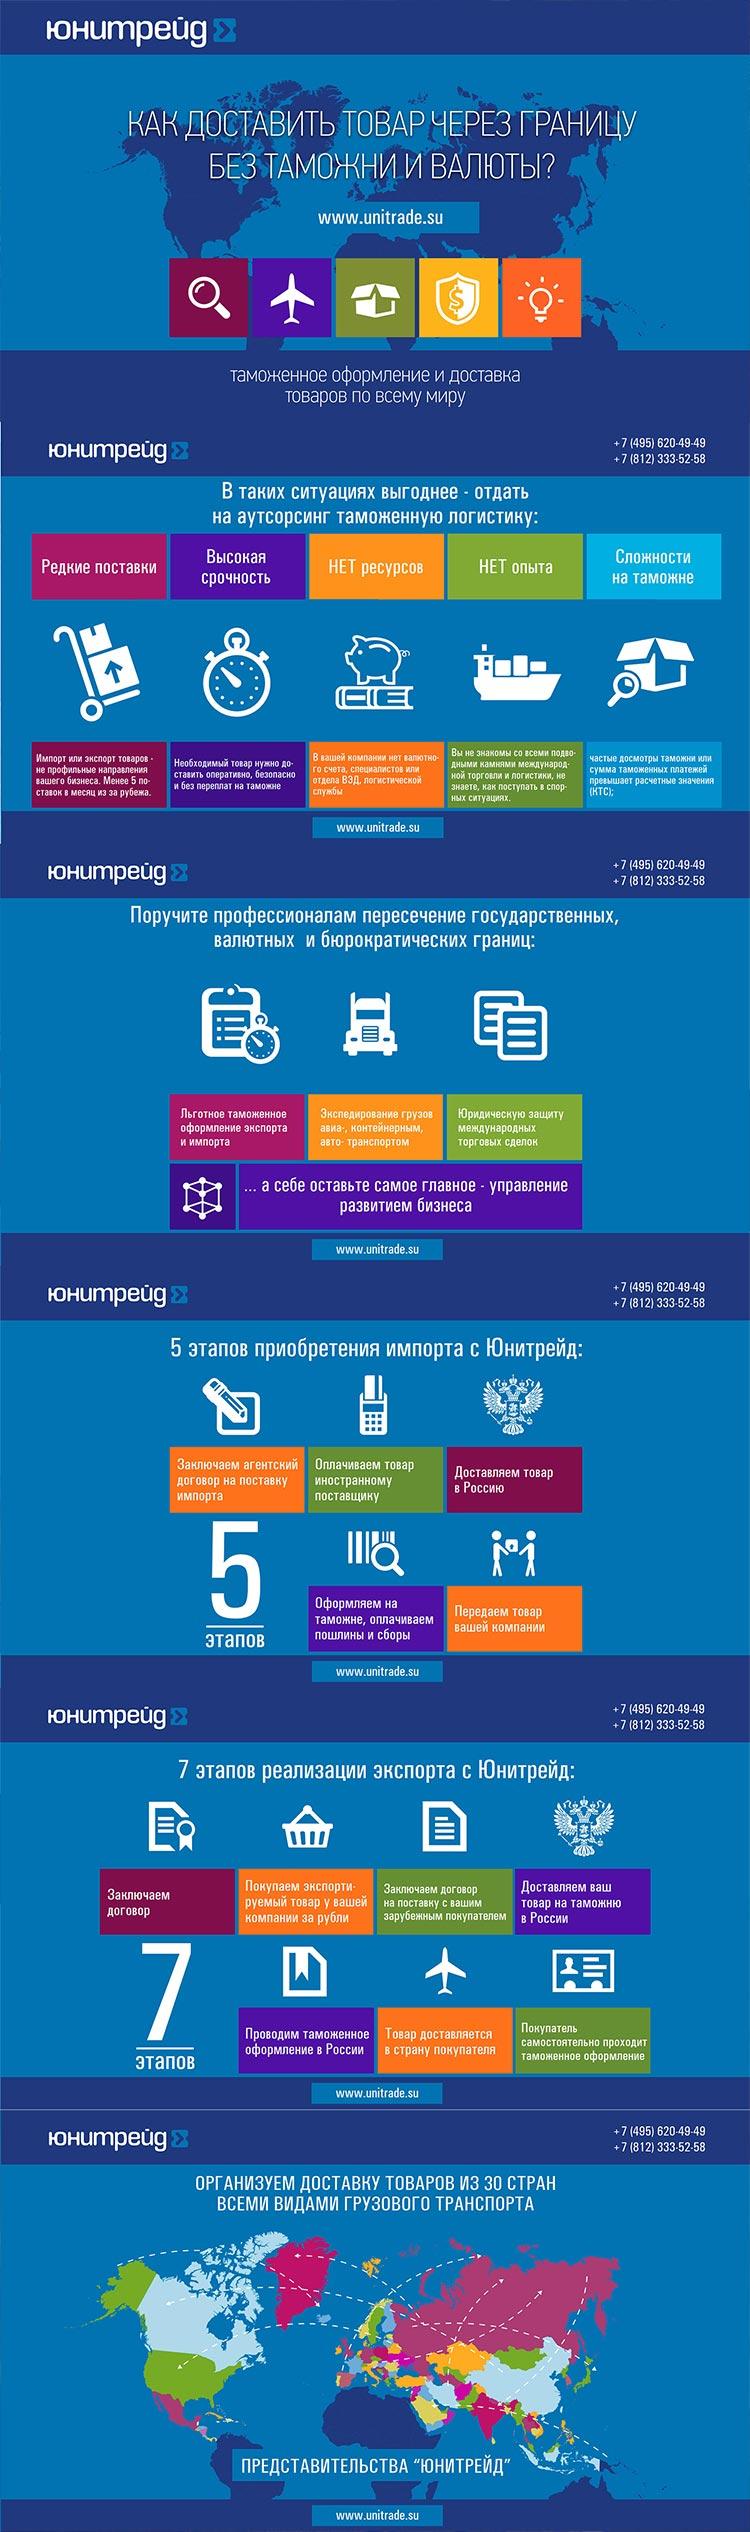 zakazat-prezentacija-transportnyh-i-tamozhennyh-uslug-kompanii